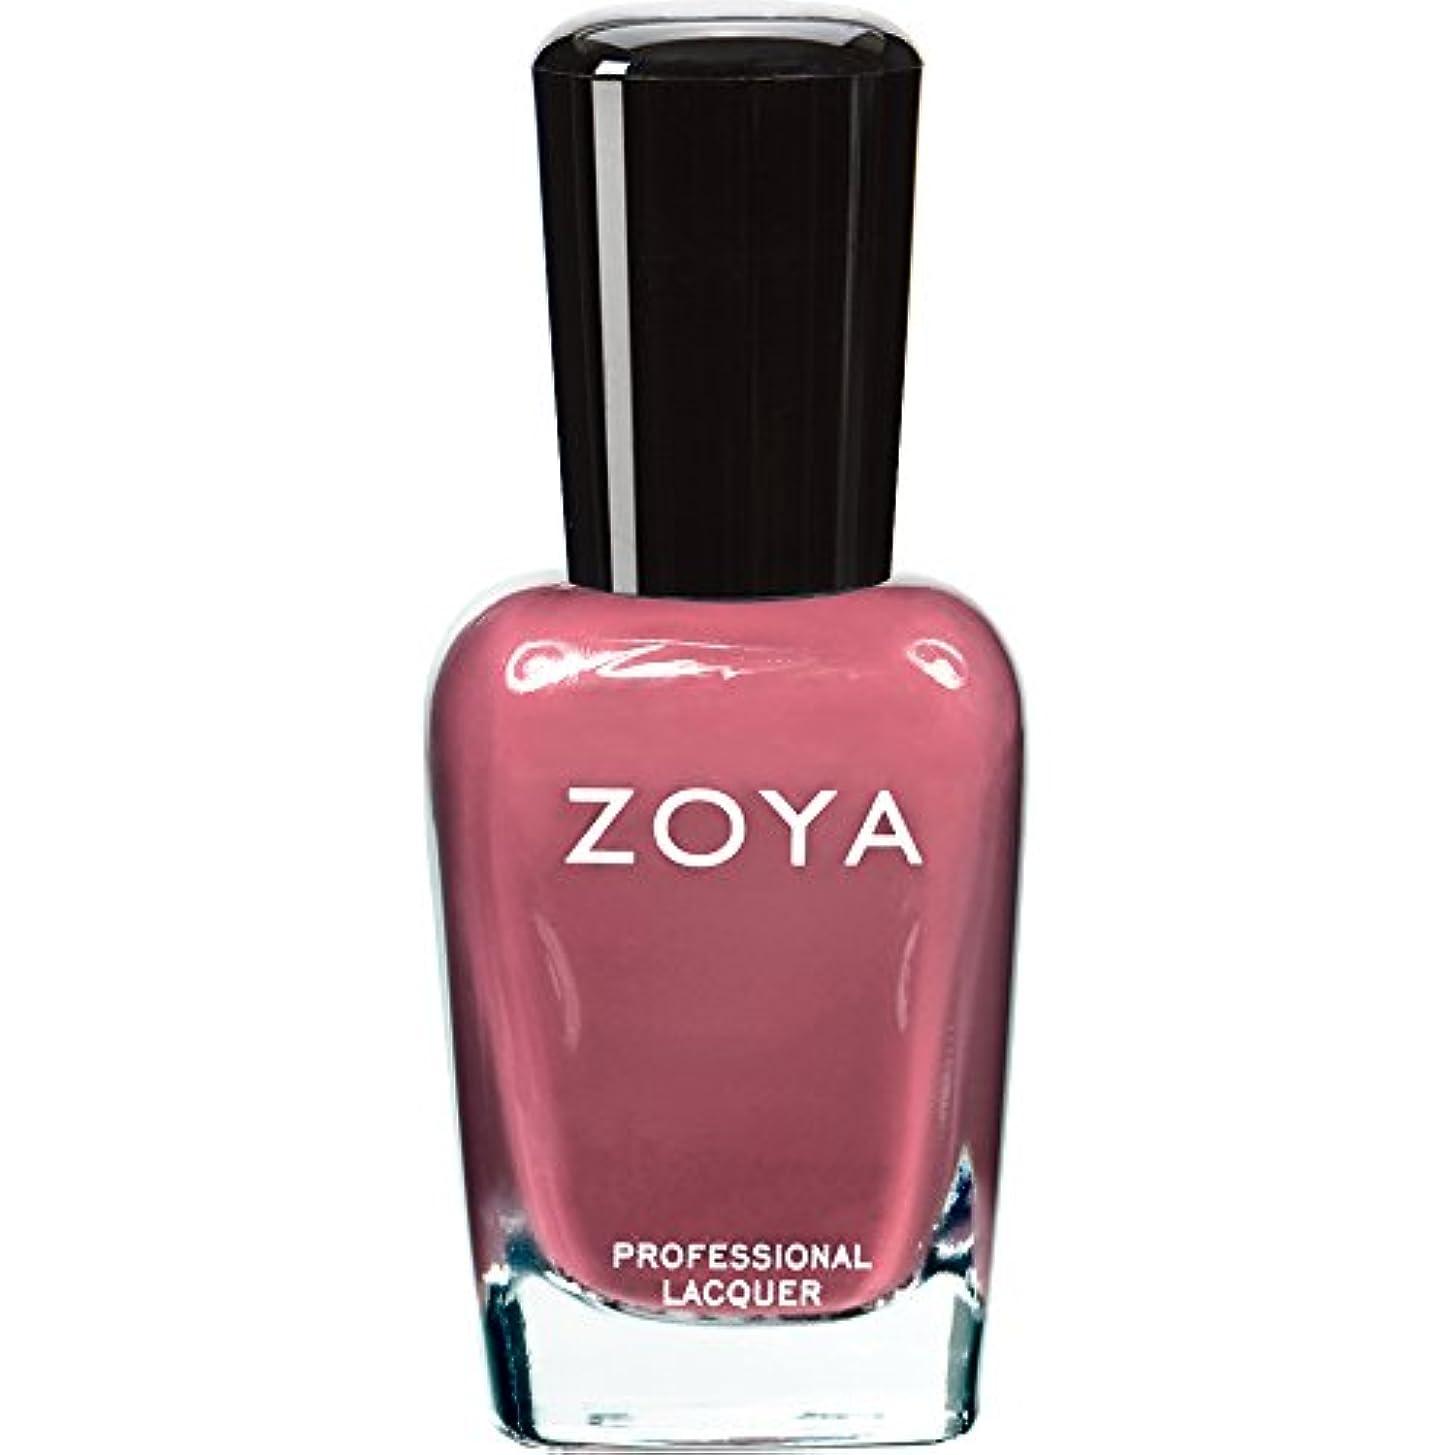 またはどちらか計算可能等ZOYA ゾーヤ ネイルカラー ZP422 COCO ココ 15ml なめらかな深いモーブ マット 爪にやさしいネイルラッカーマニキュア